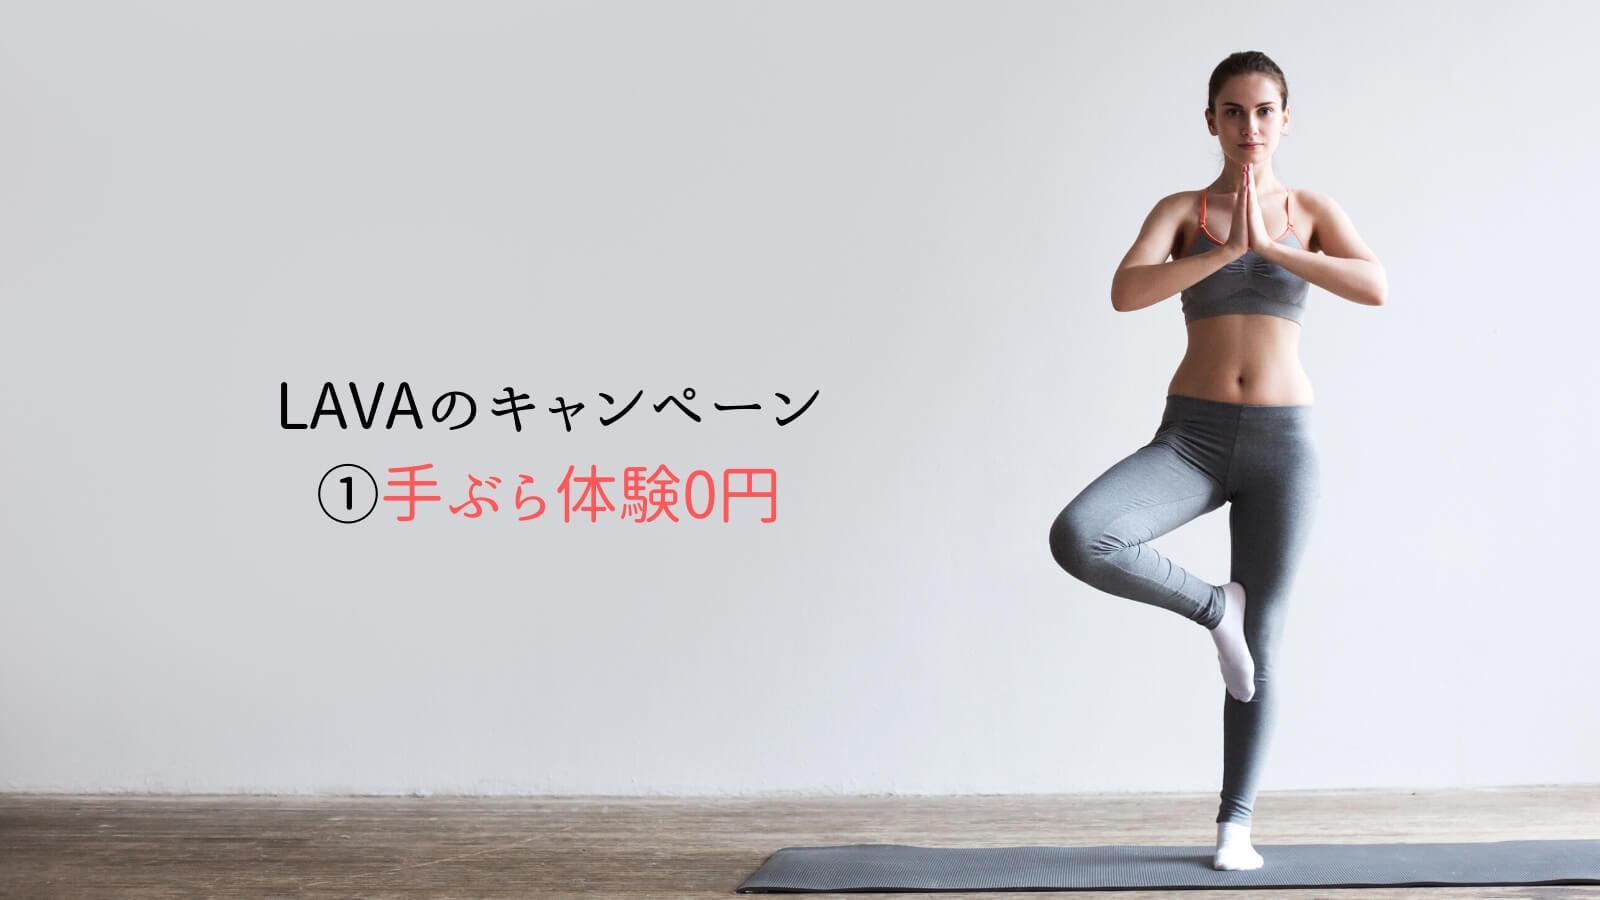 LAVA(ラバ)のキャンペーン①手ぶら体験0円